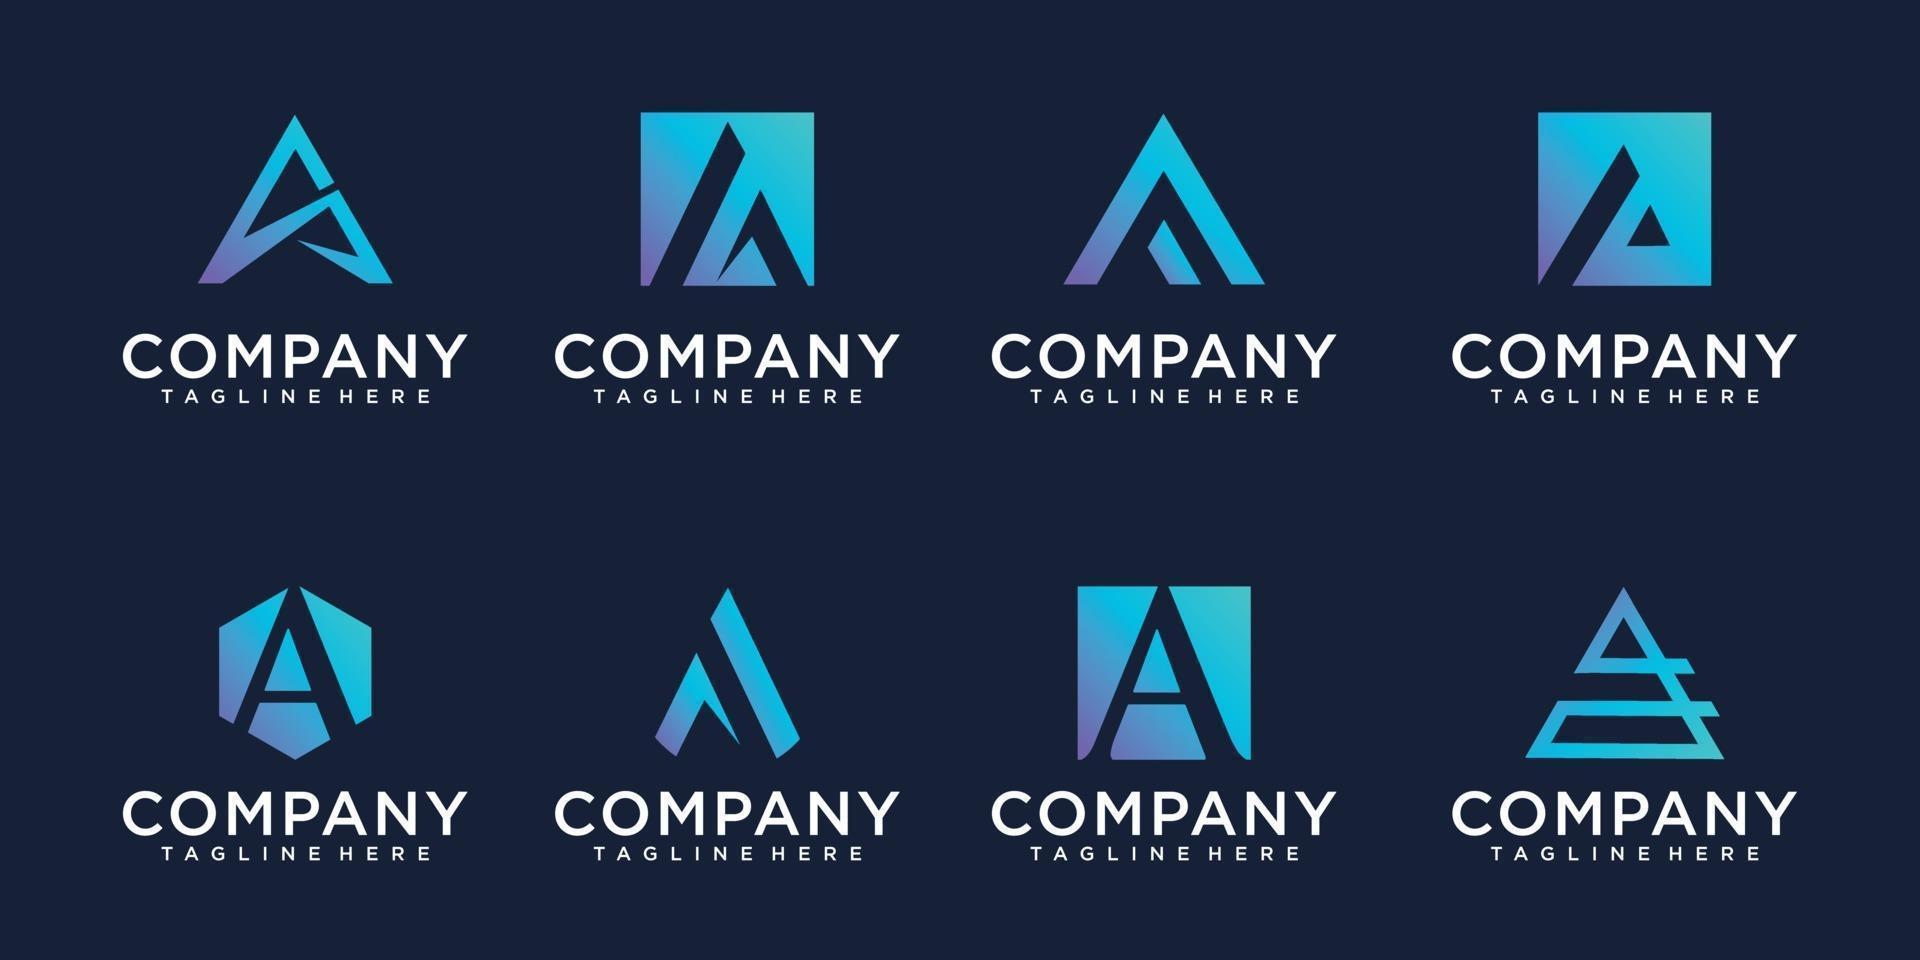 diseño creativo del logotipo del monograma del conjunto vector